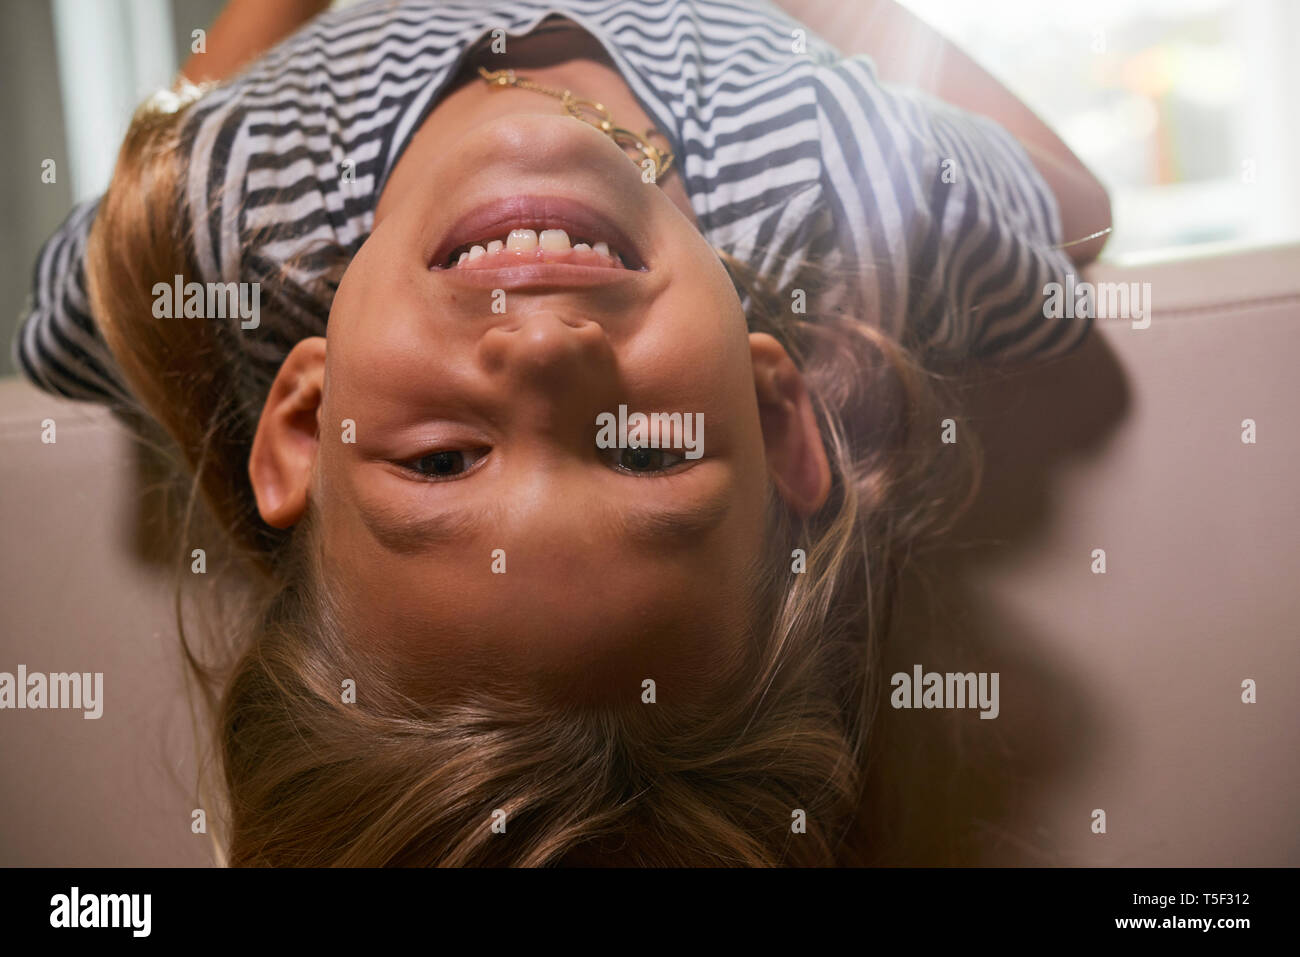 Fröhliches Mädchen ruht auf einem Sofa Stockbild